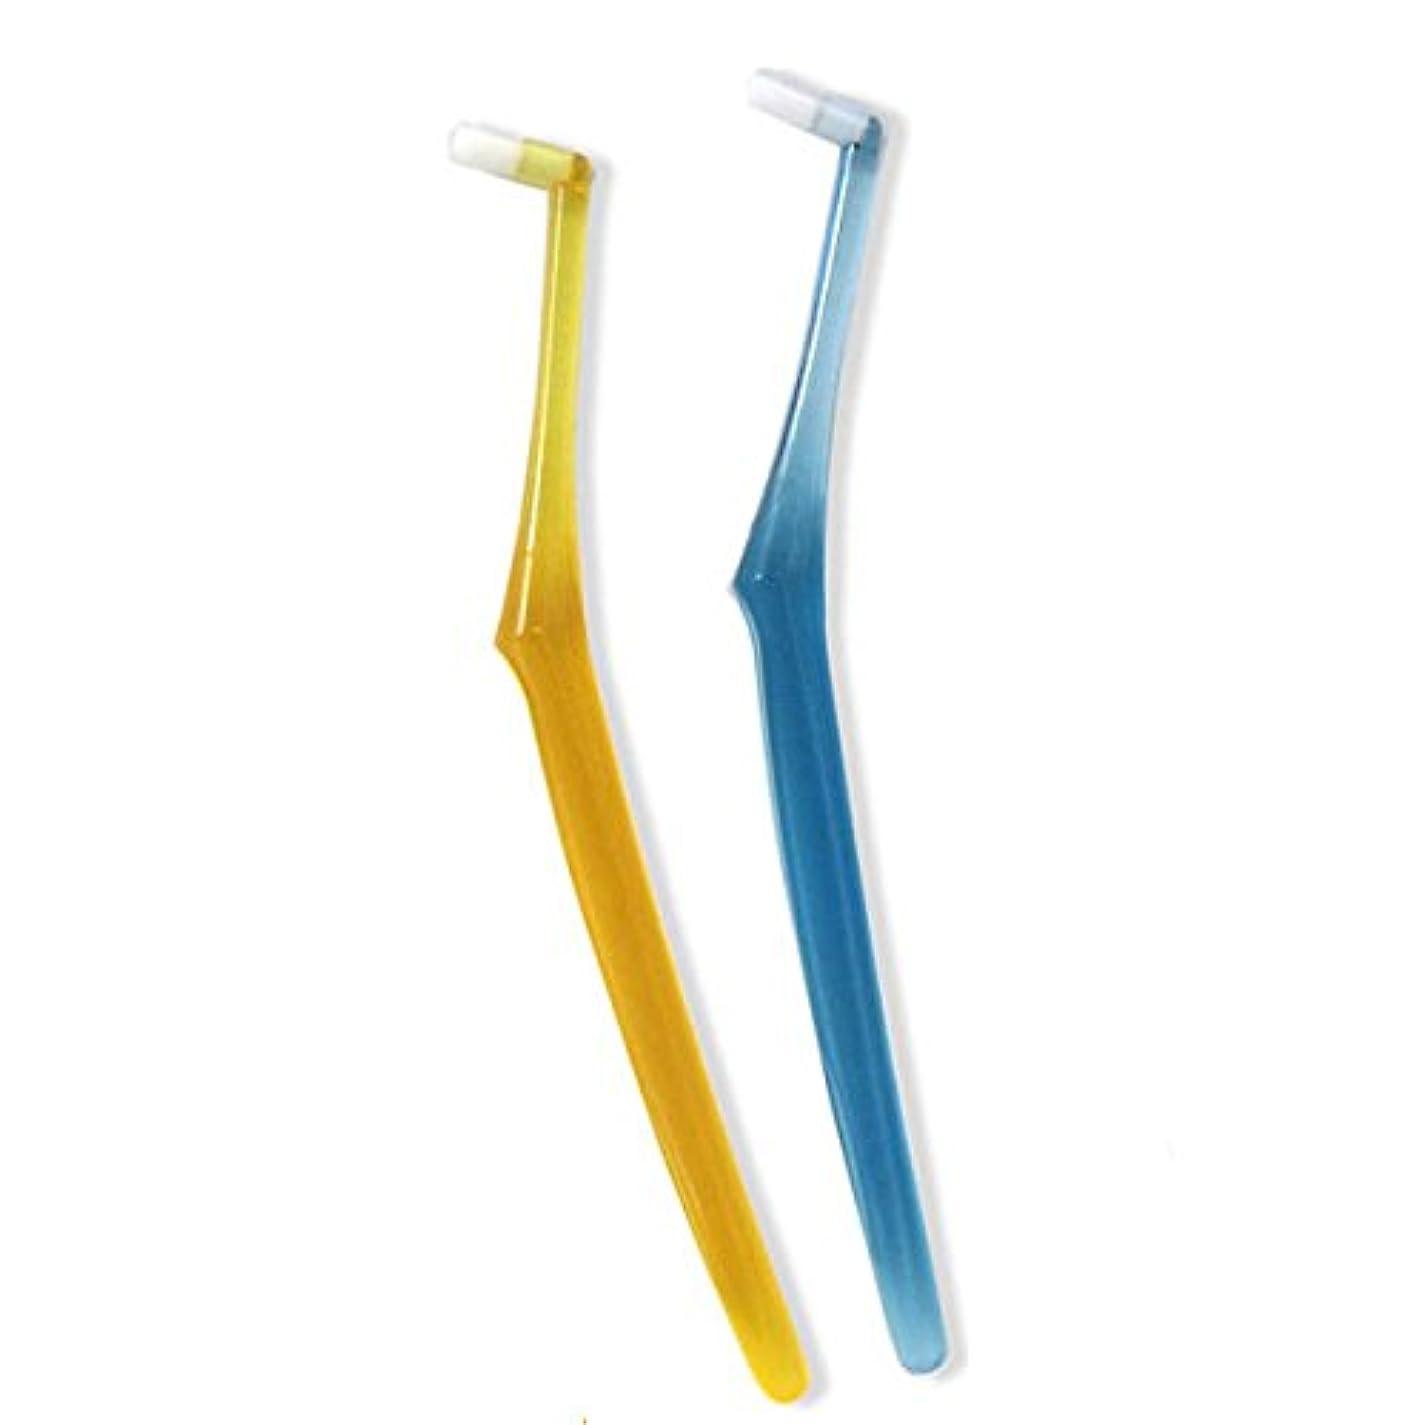 ペッカディロマーベル職業ワンタフト インプロインプラント専用 歯ブラシ 24本セット  (S(ソフト))